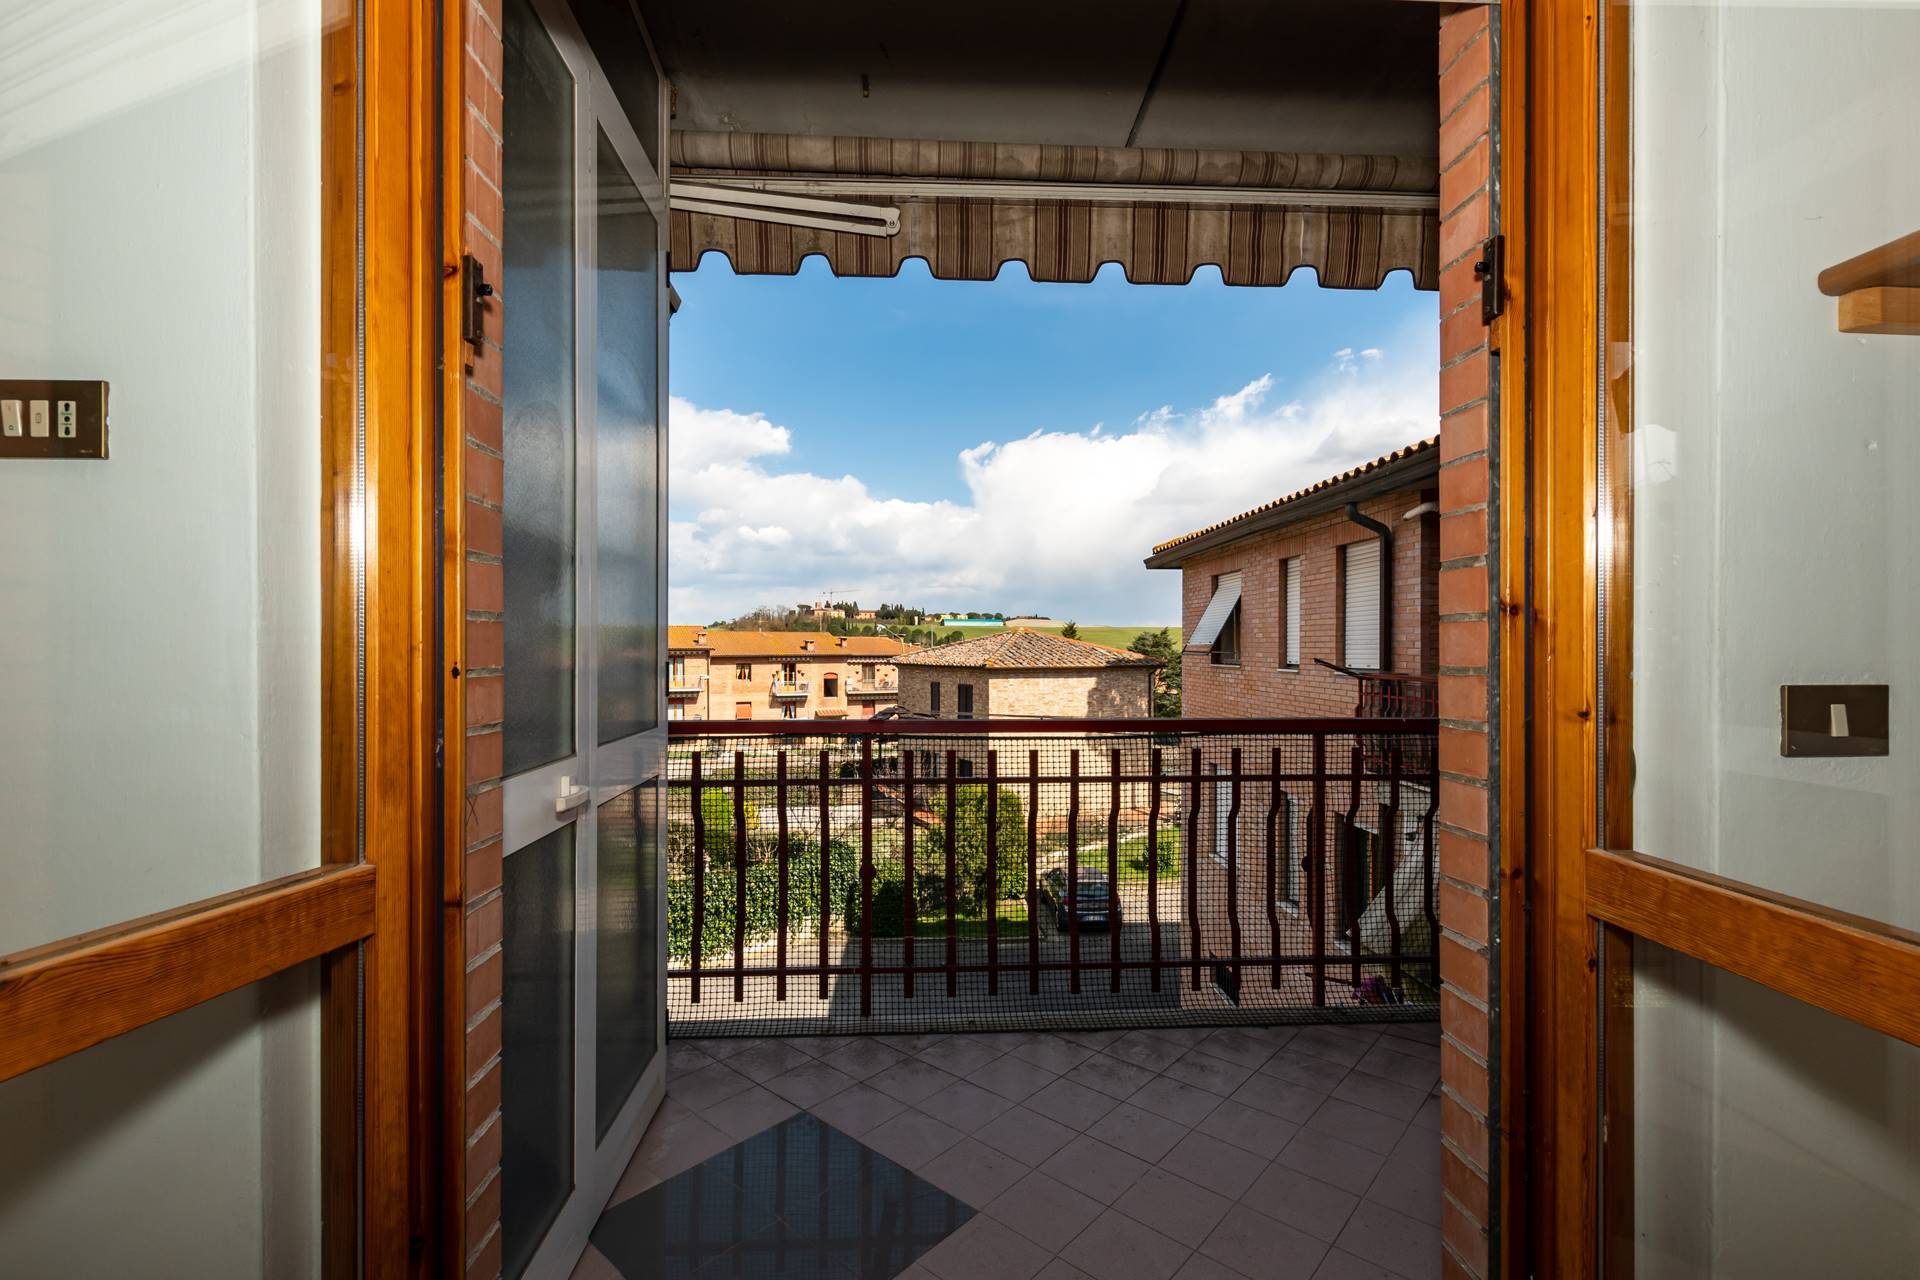 Acceso al balcone